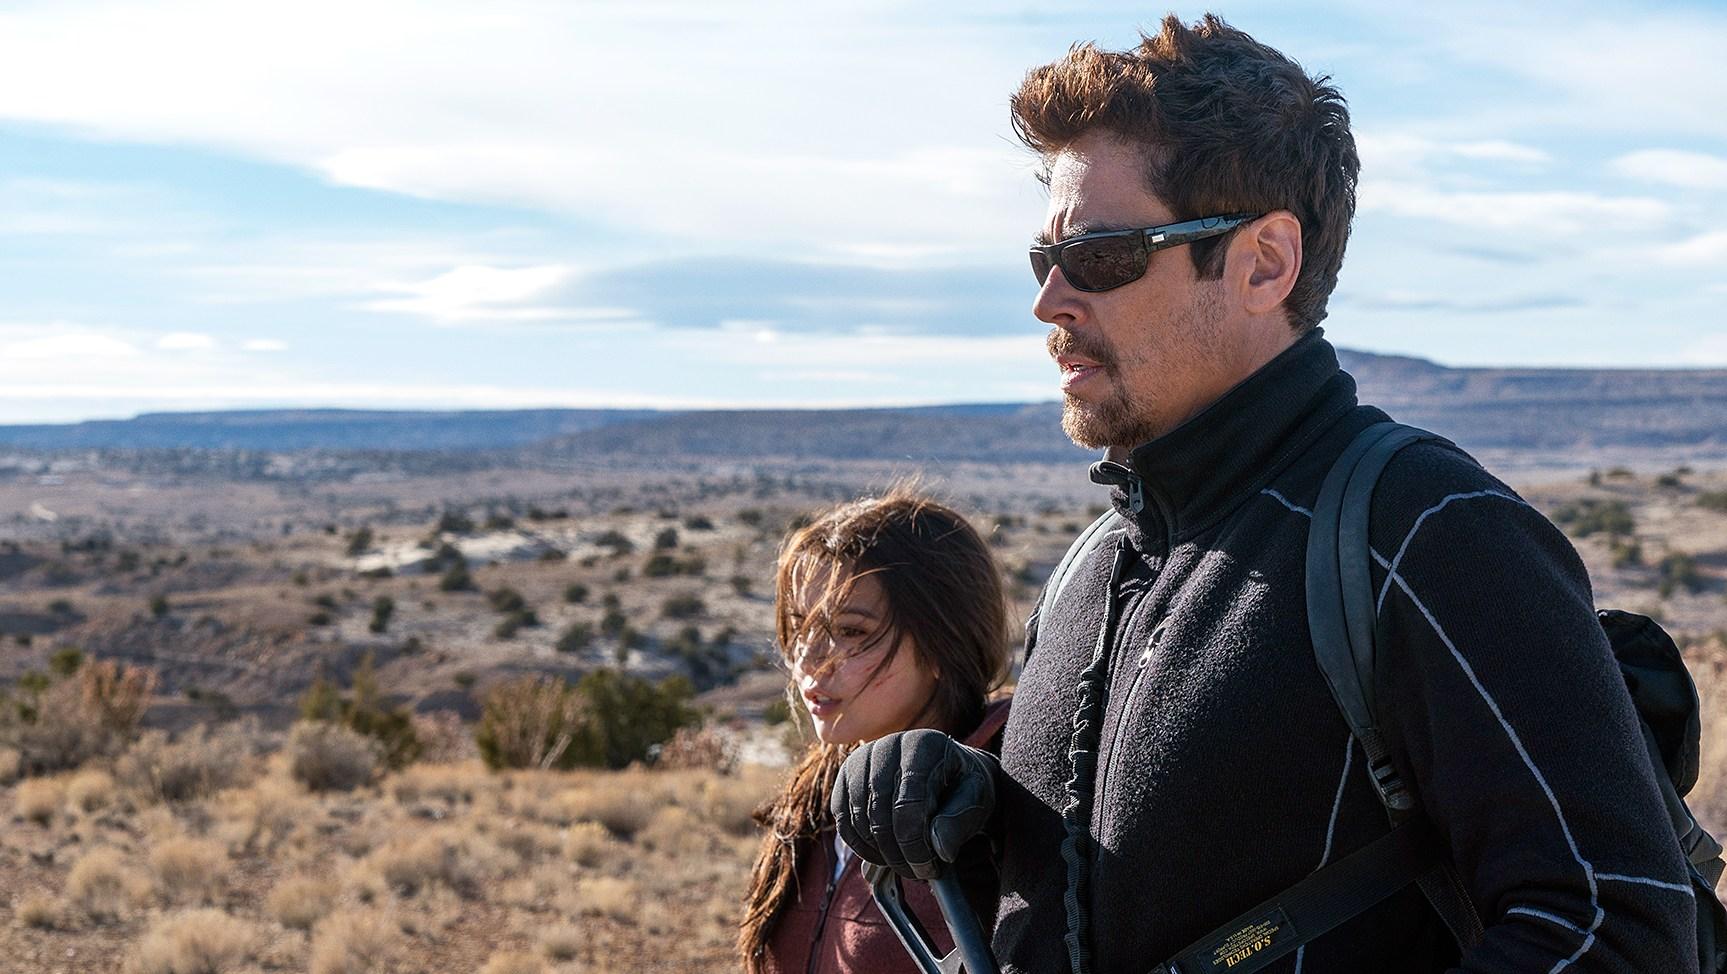 Benicio Del Toro Isabela Moner Sicario Day of the Solda